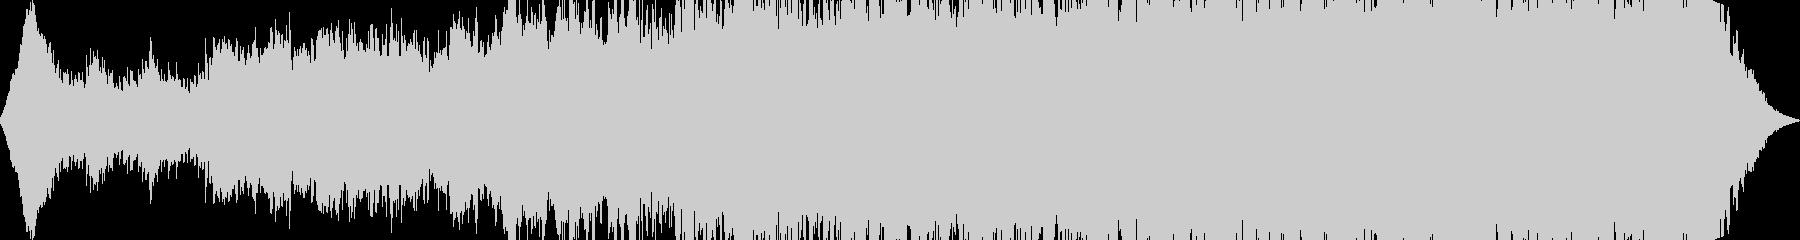 現代の交響曲 感情的 バラード 素...の未再生の波形